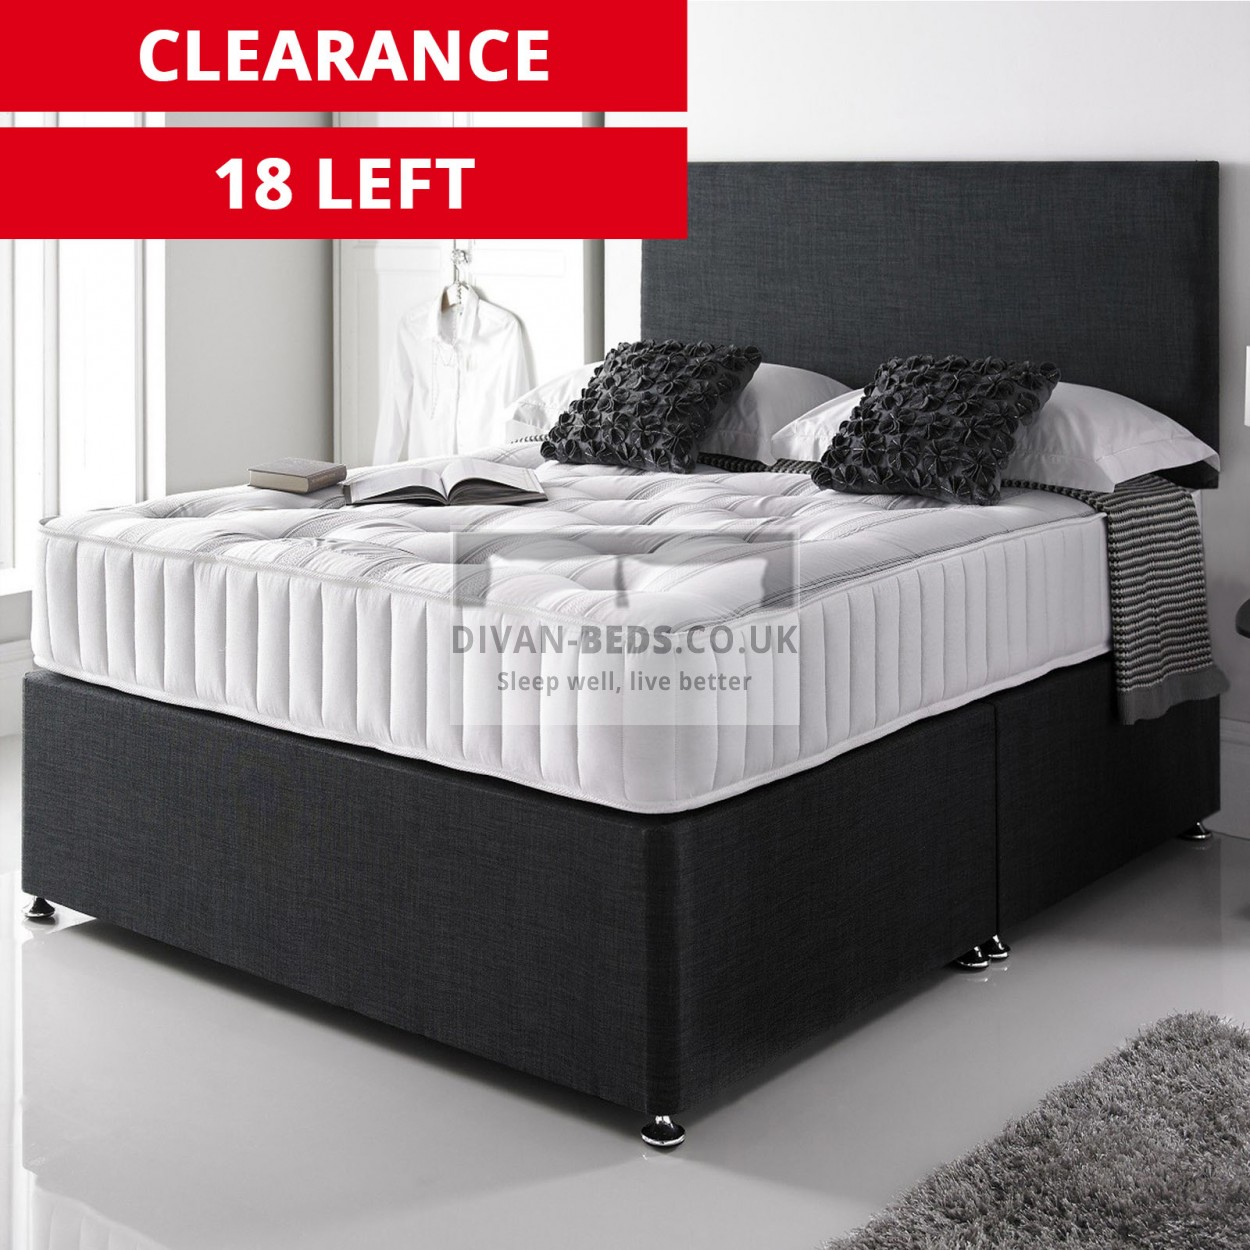 giles divan bed with 3000 pocket spring memory foam. Black Bedroom Furniture Sets. Home Design Ideas